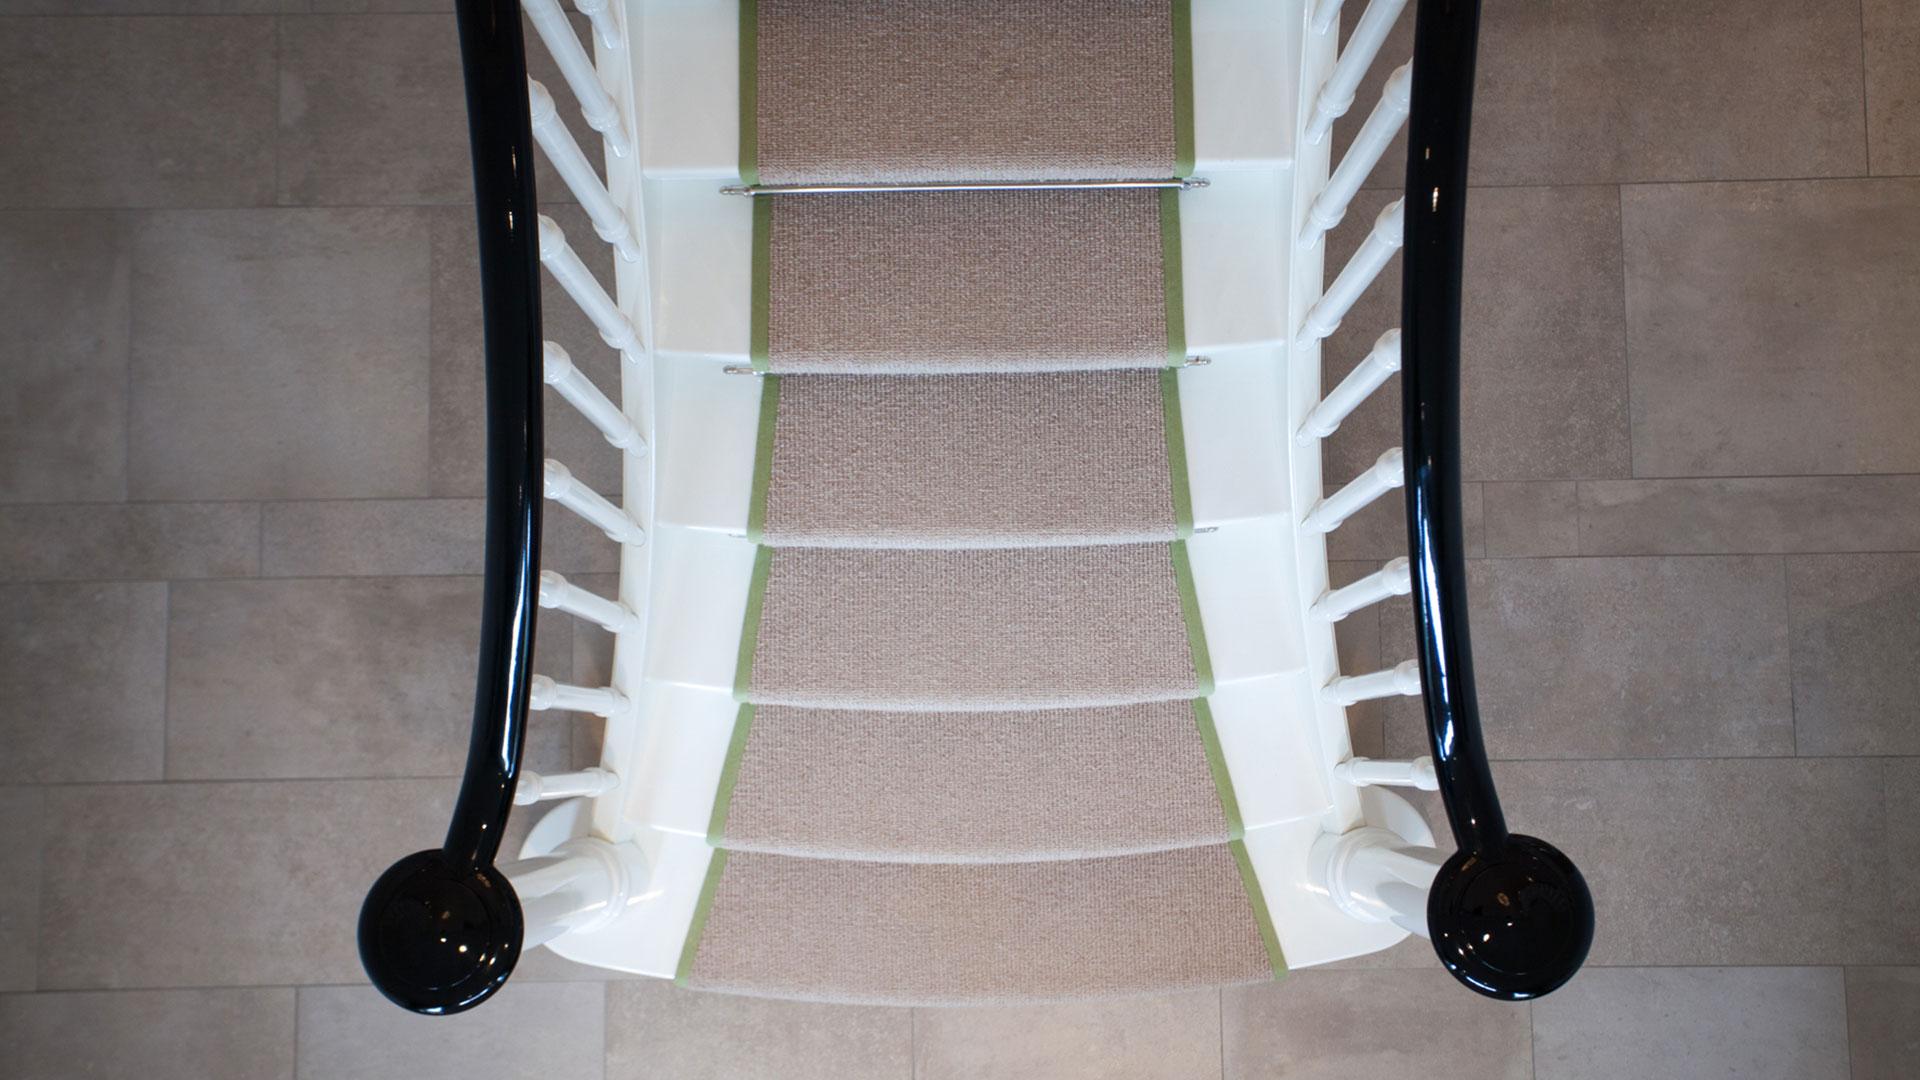 ein gl nzender auftritt f r die wei e geschosstreppe. Black Bedroom Furniture Sets. Home Design Ideas